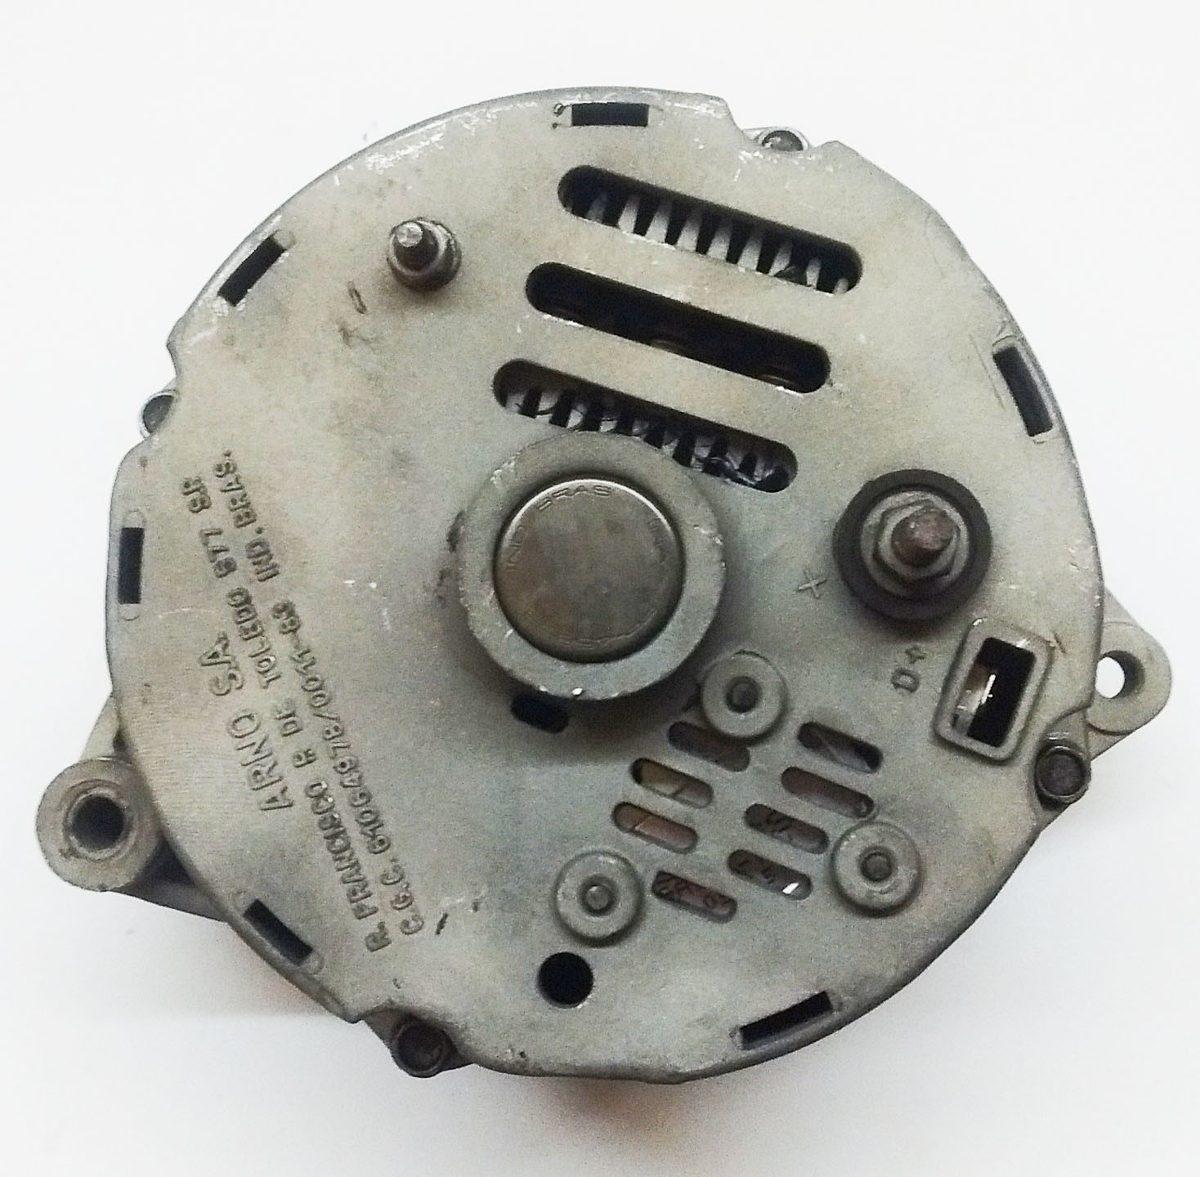 alternador chevette / opala - arno delco remy 65amp. Carregando zoom.